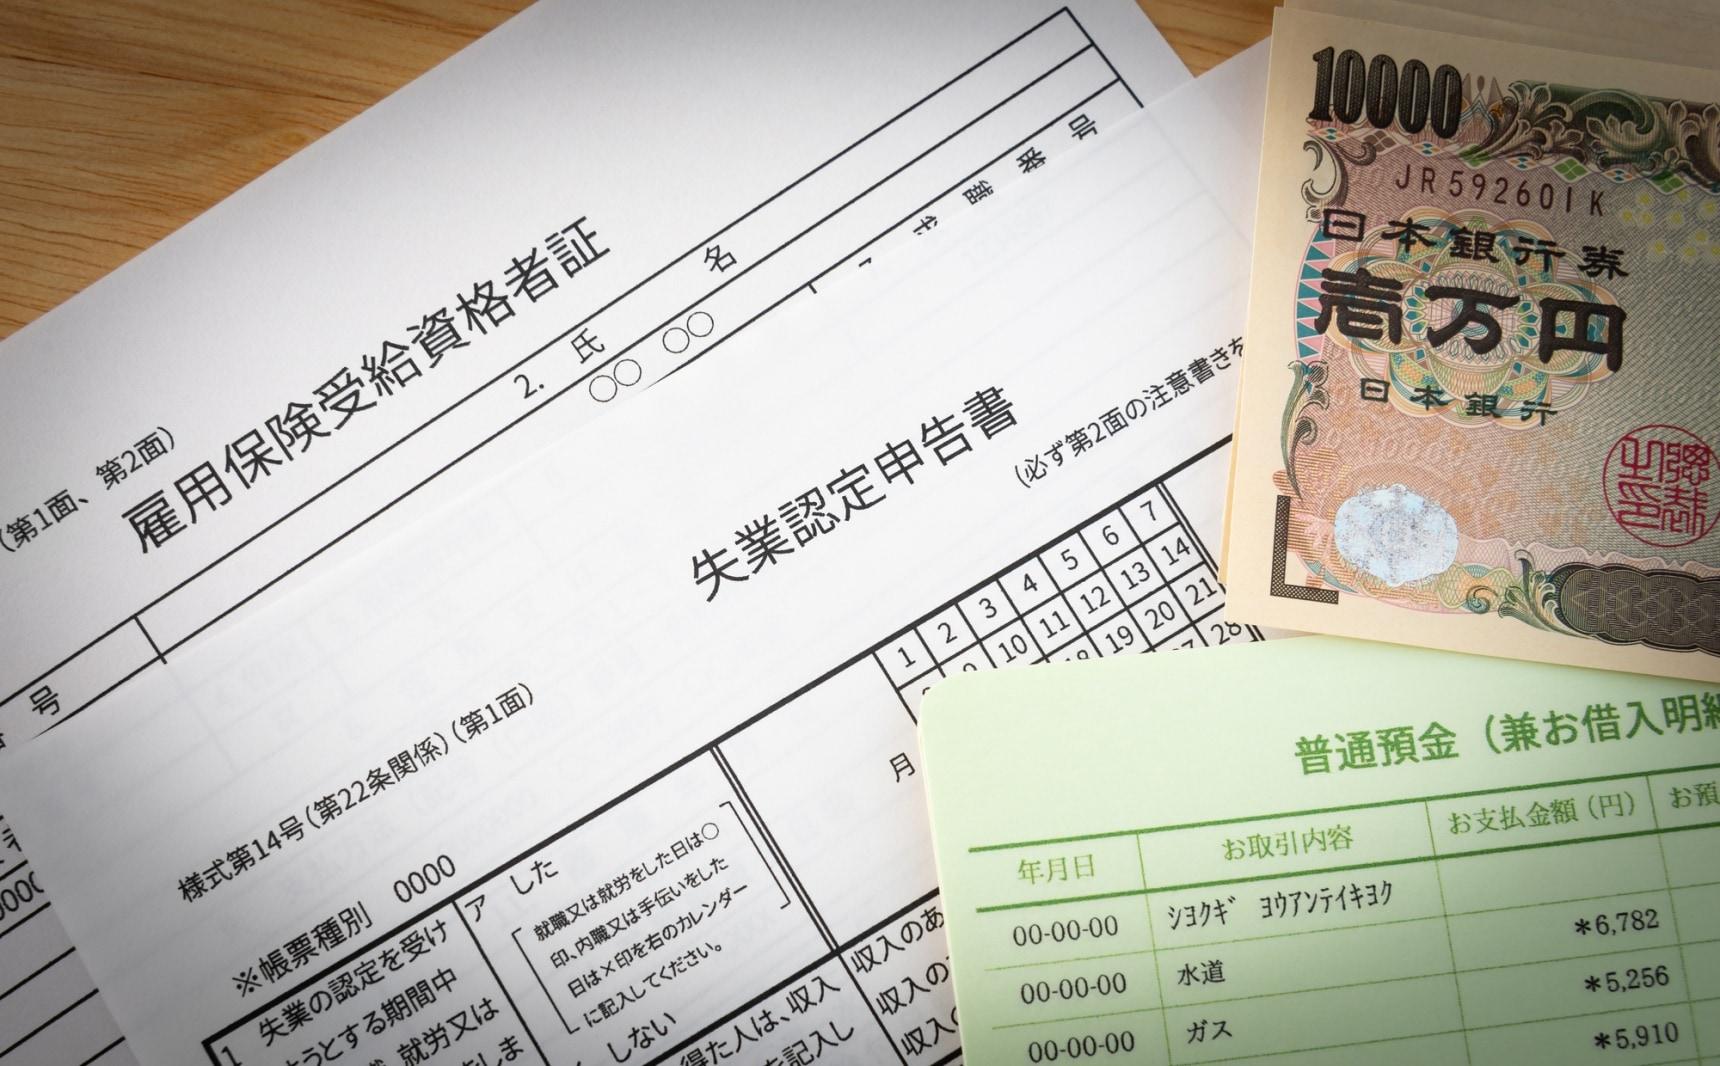 在日本離職怎麼辦?失業保險申請、再就職津貼等申請流程及注意事項